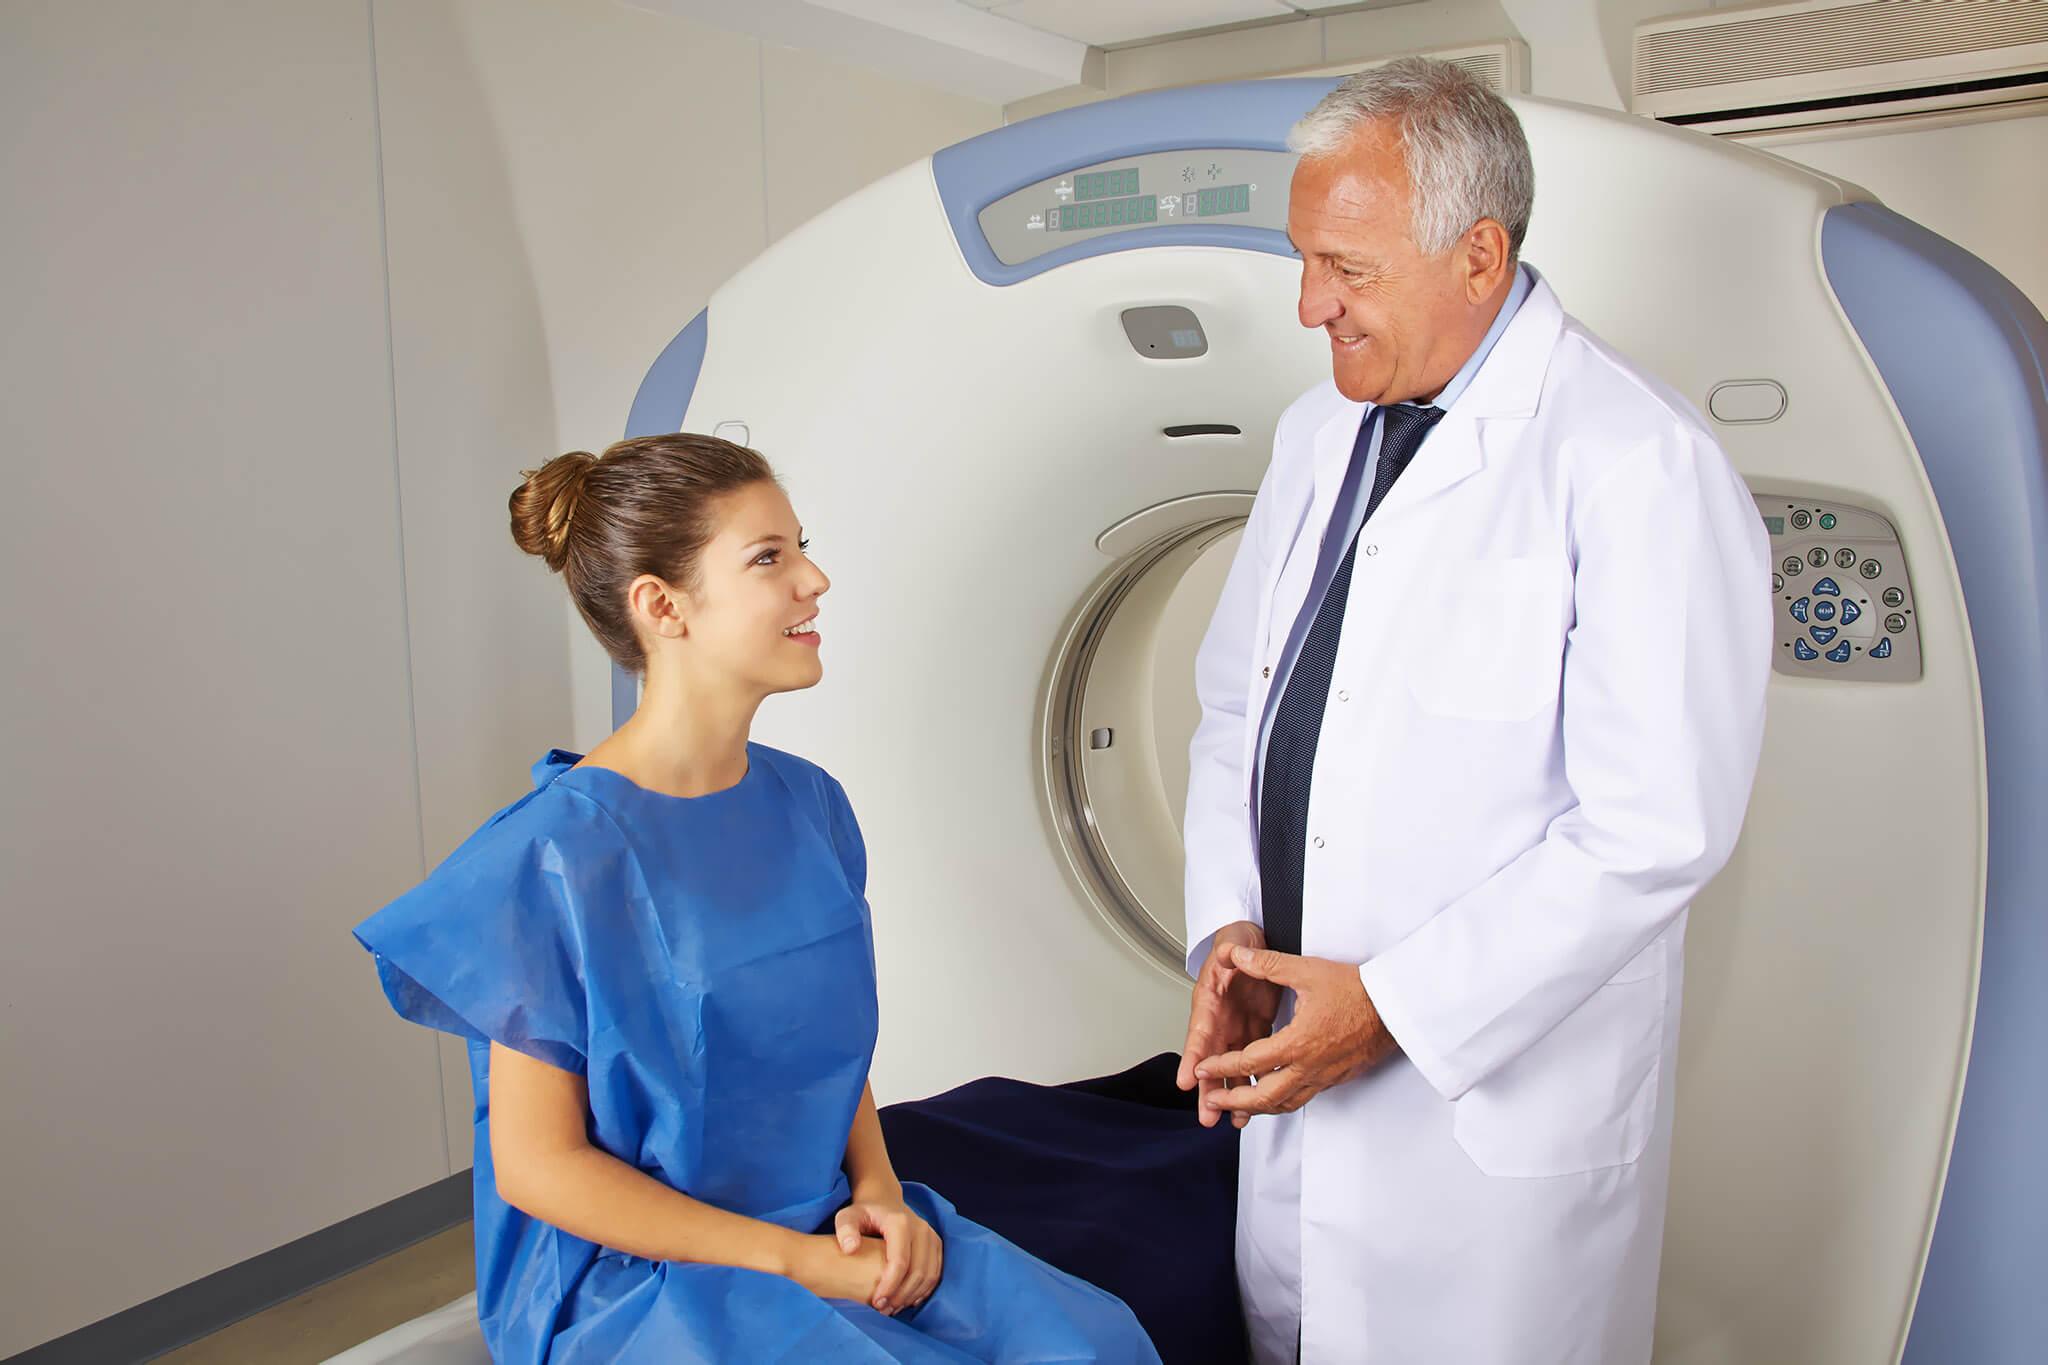 МРТ брюшной полости: сколько стоит, процедура и расшифровка